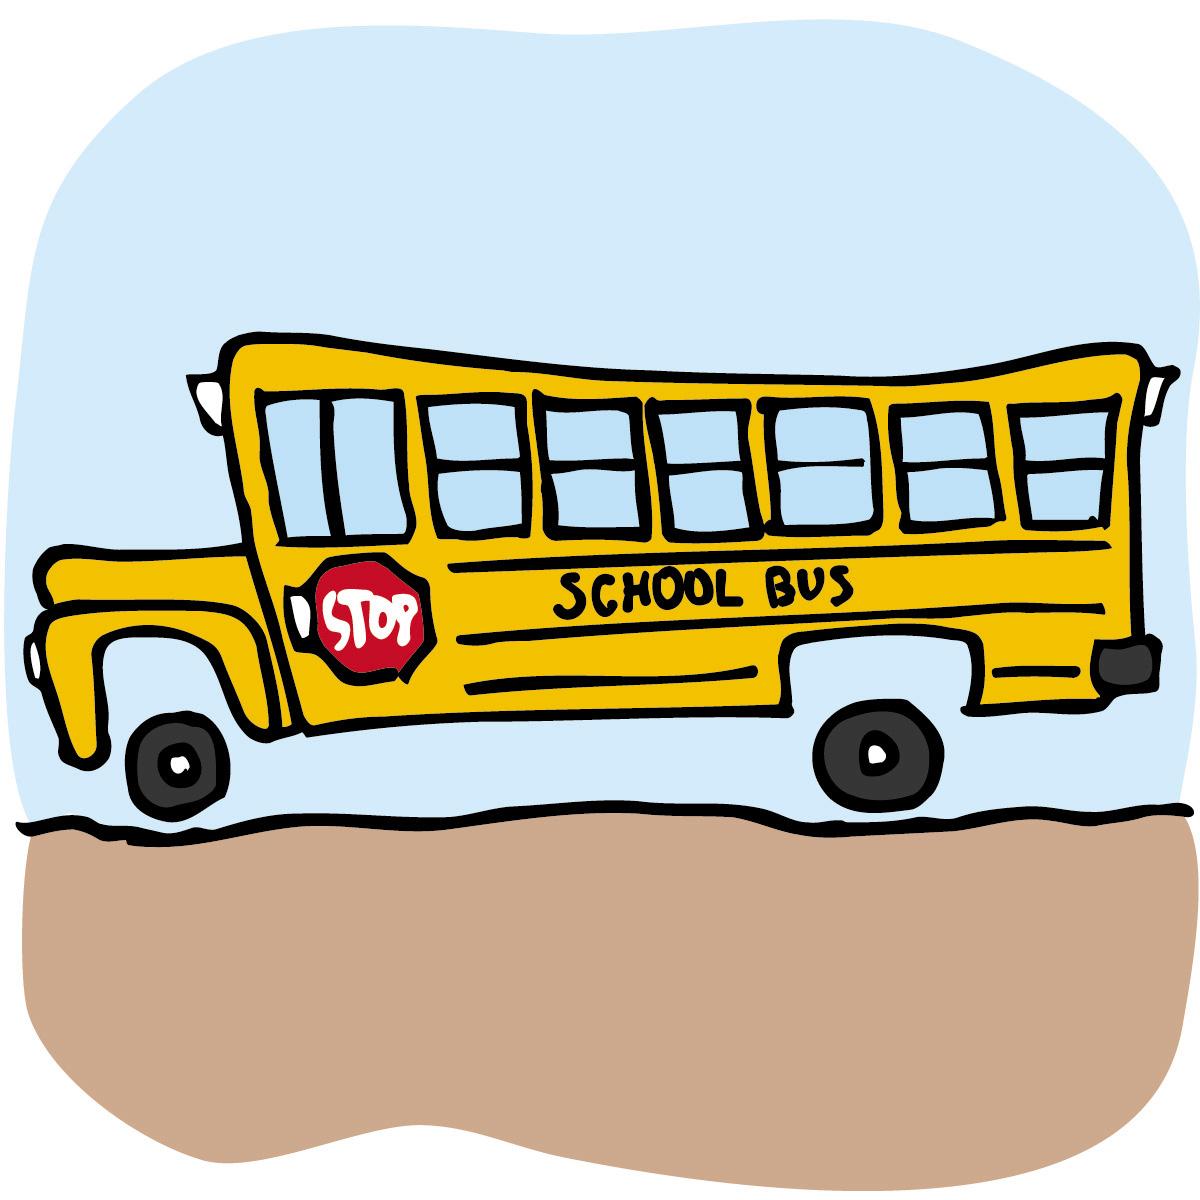 Cute School Bus Clip Art 7 1200x1200jpg clipart free image.